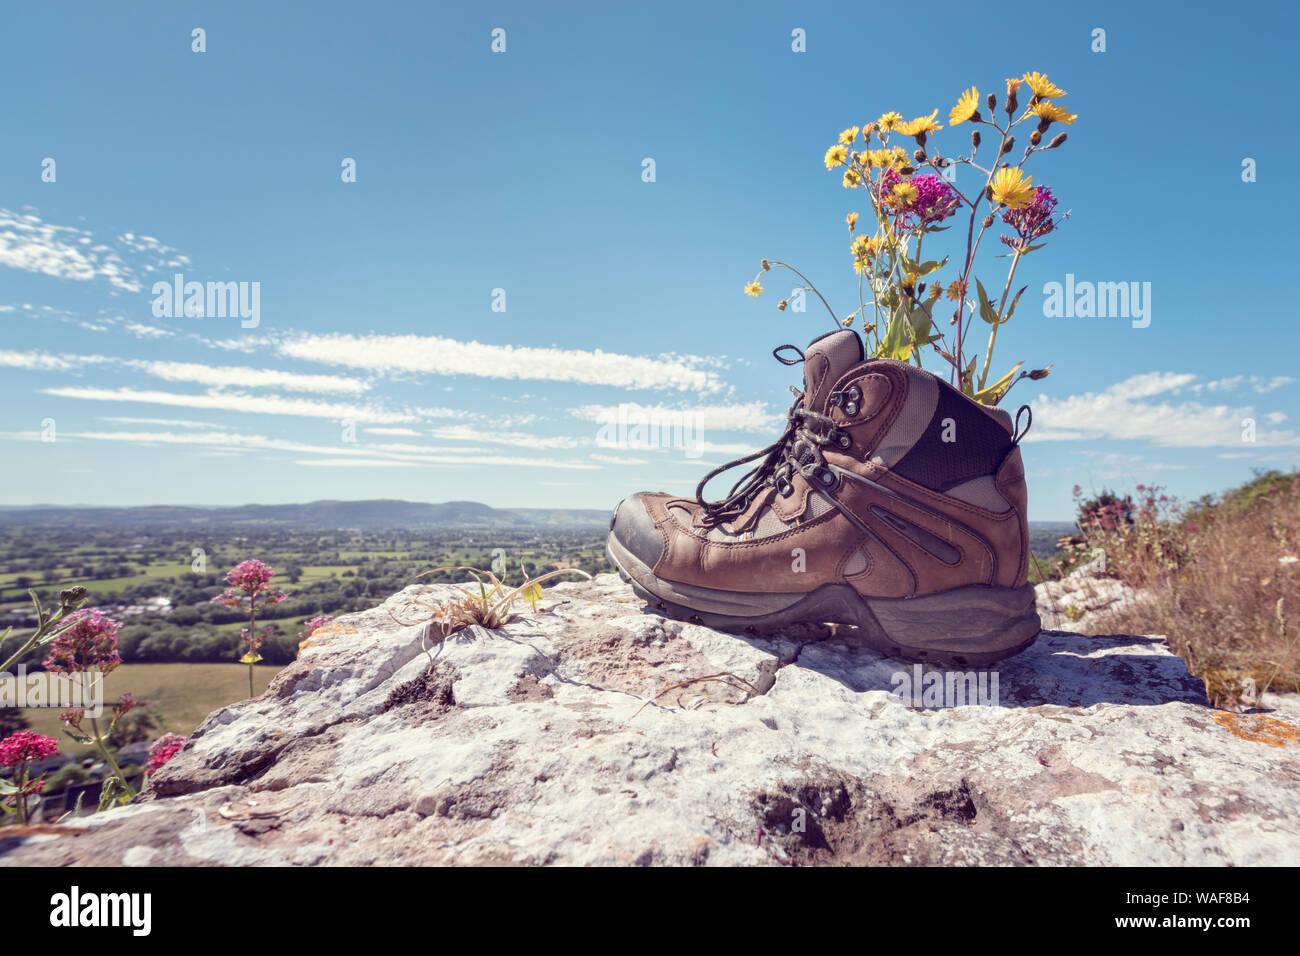 Botas de excursionista descansando con flores silvestres en un sendero de montaña con vistas distantes de campo en verano el sol Foto de stock